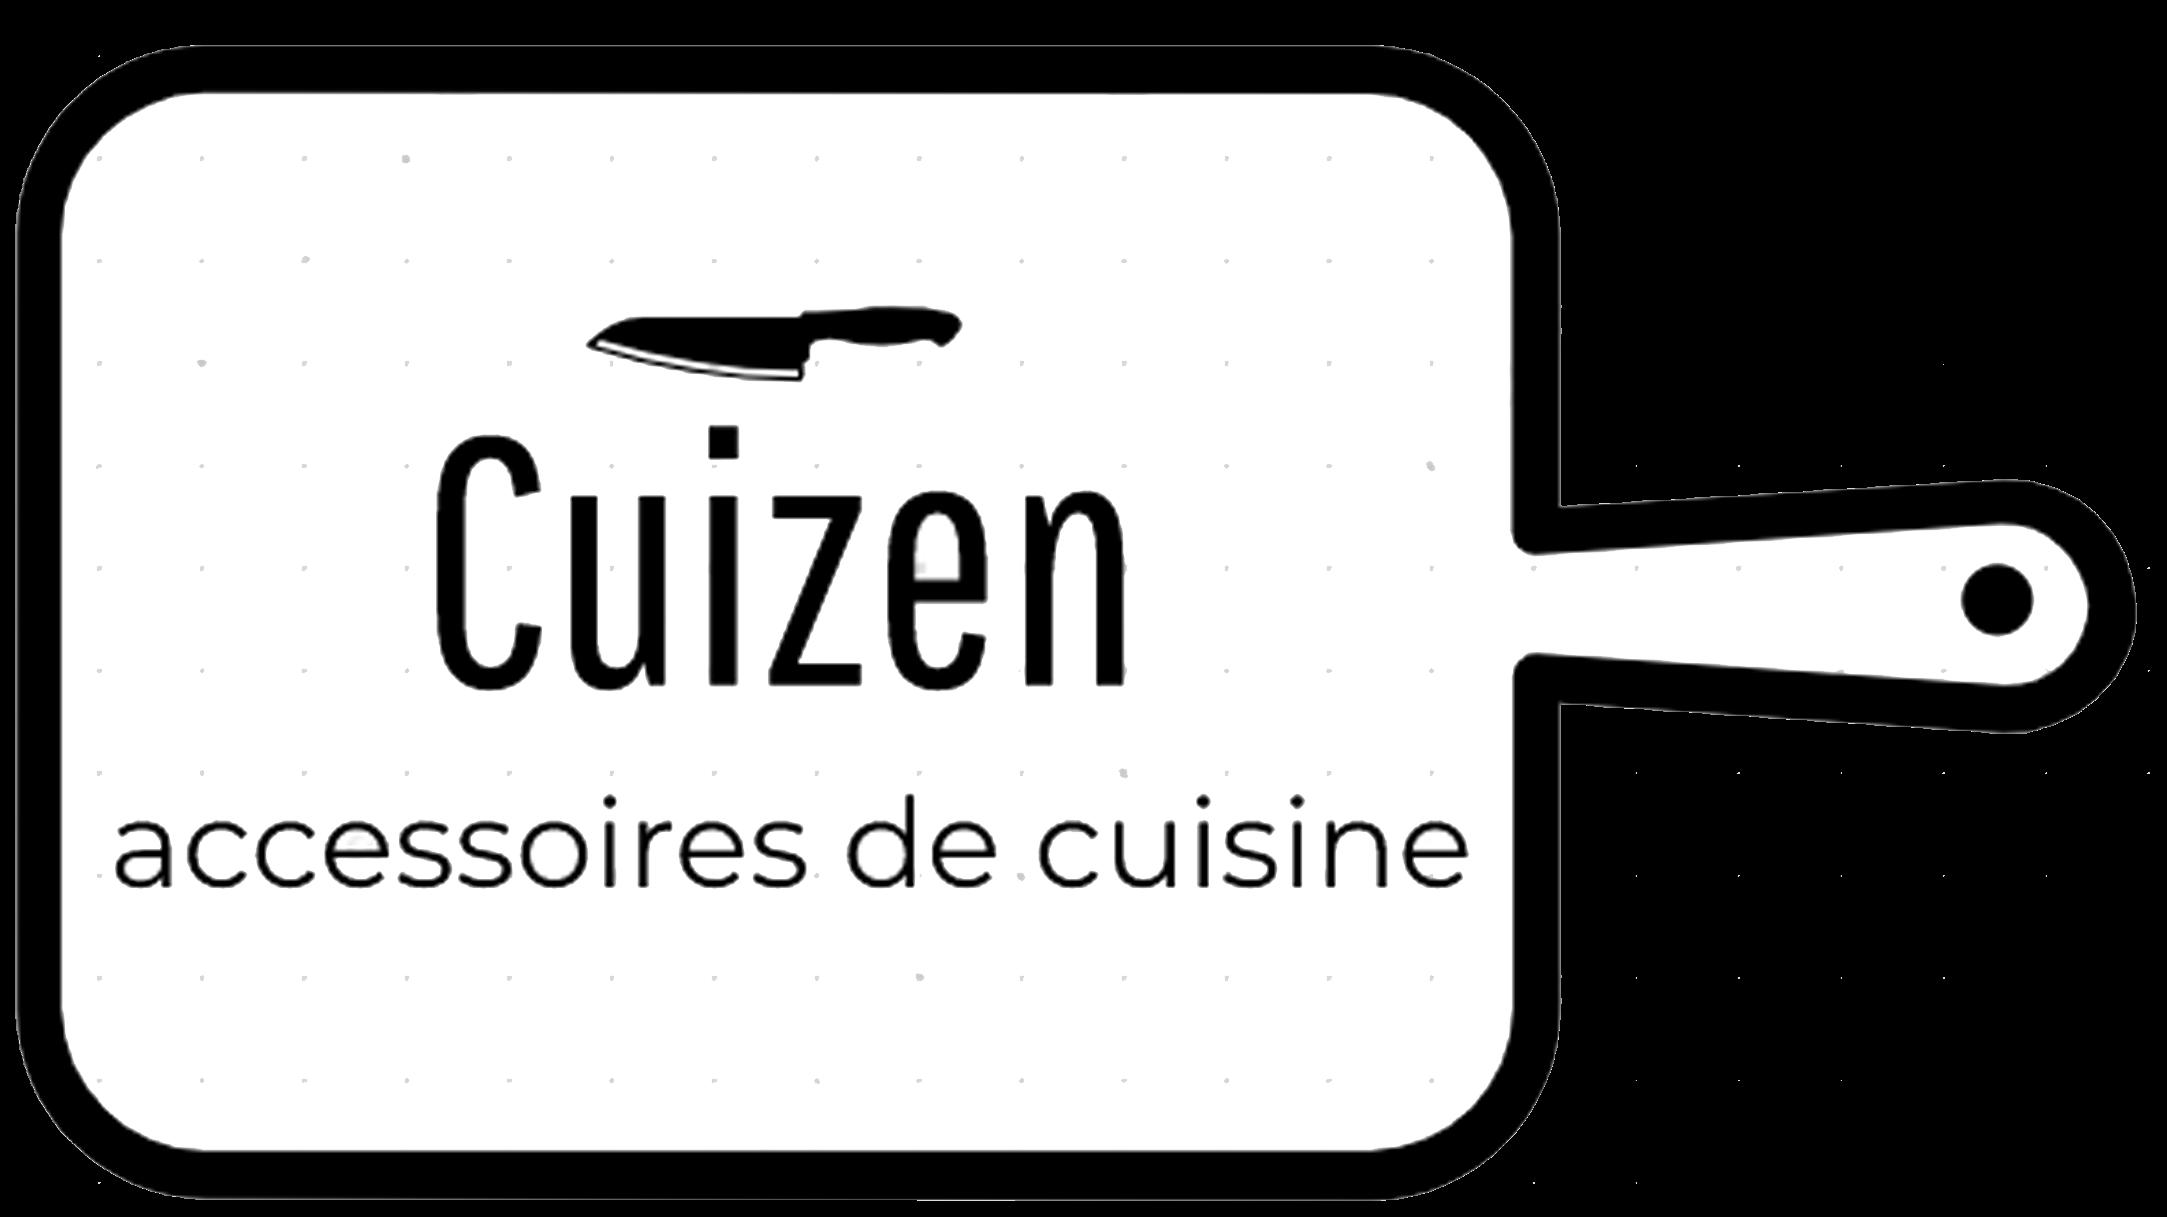 Accessoires de cuisine – Cuizen